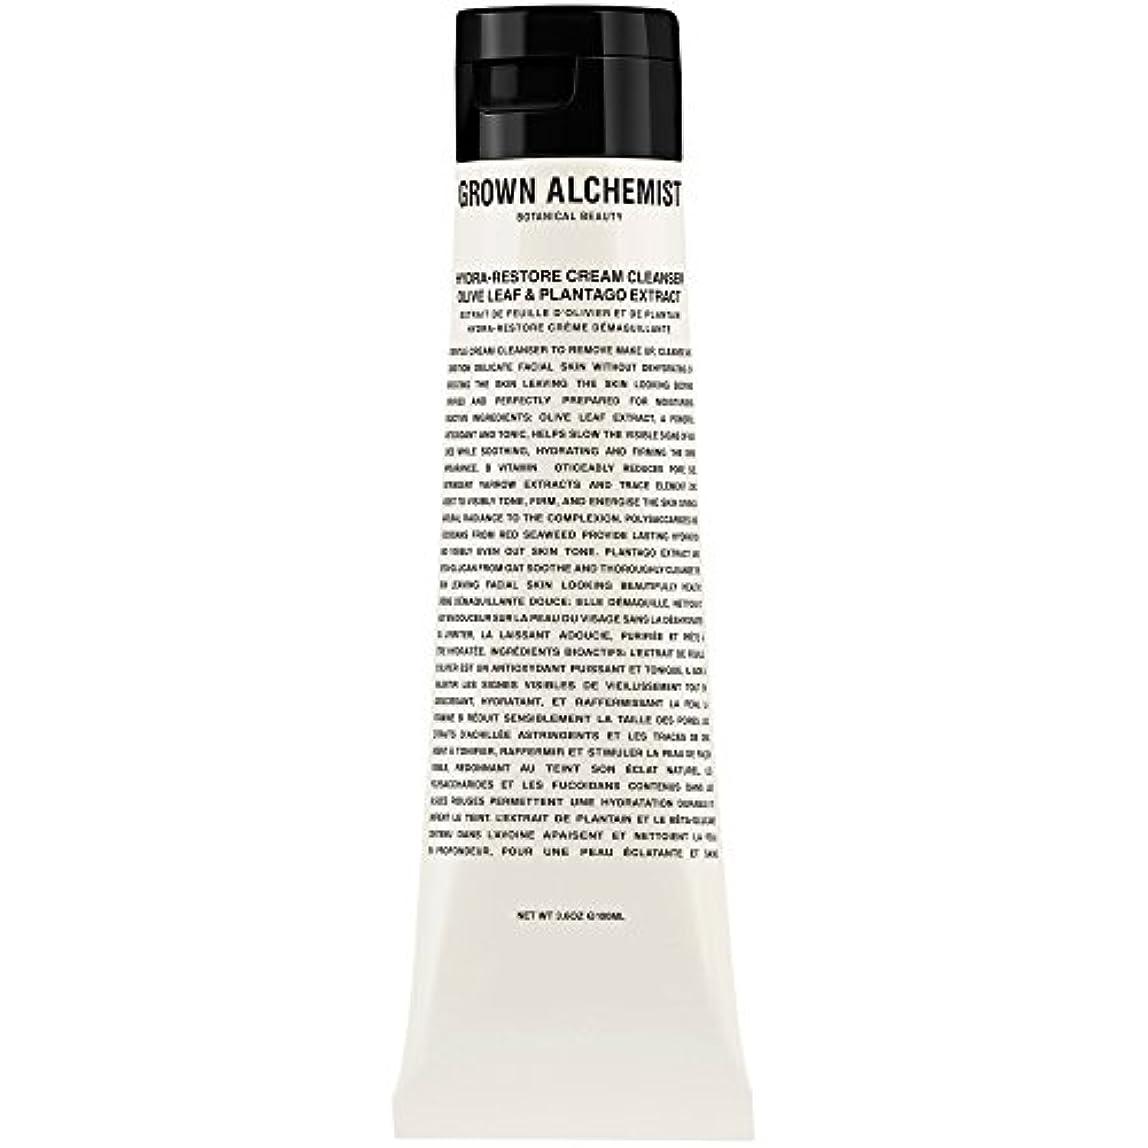 オリーブの葉&Plantogoエキス、100ミリリットル:成長した錬金術師クリームクレンザーをヒドラ復元 (Grown Alchemist) - Grown Alchemist Hydra-Restore Cream Cleanser...